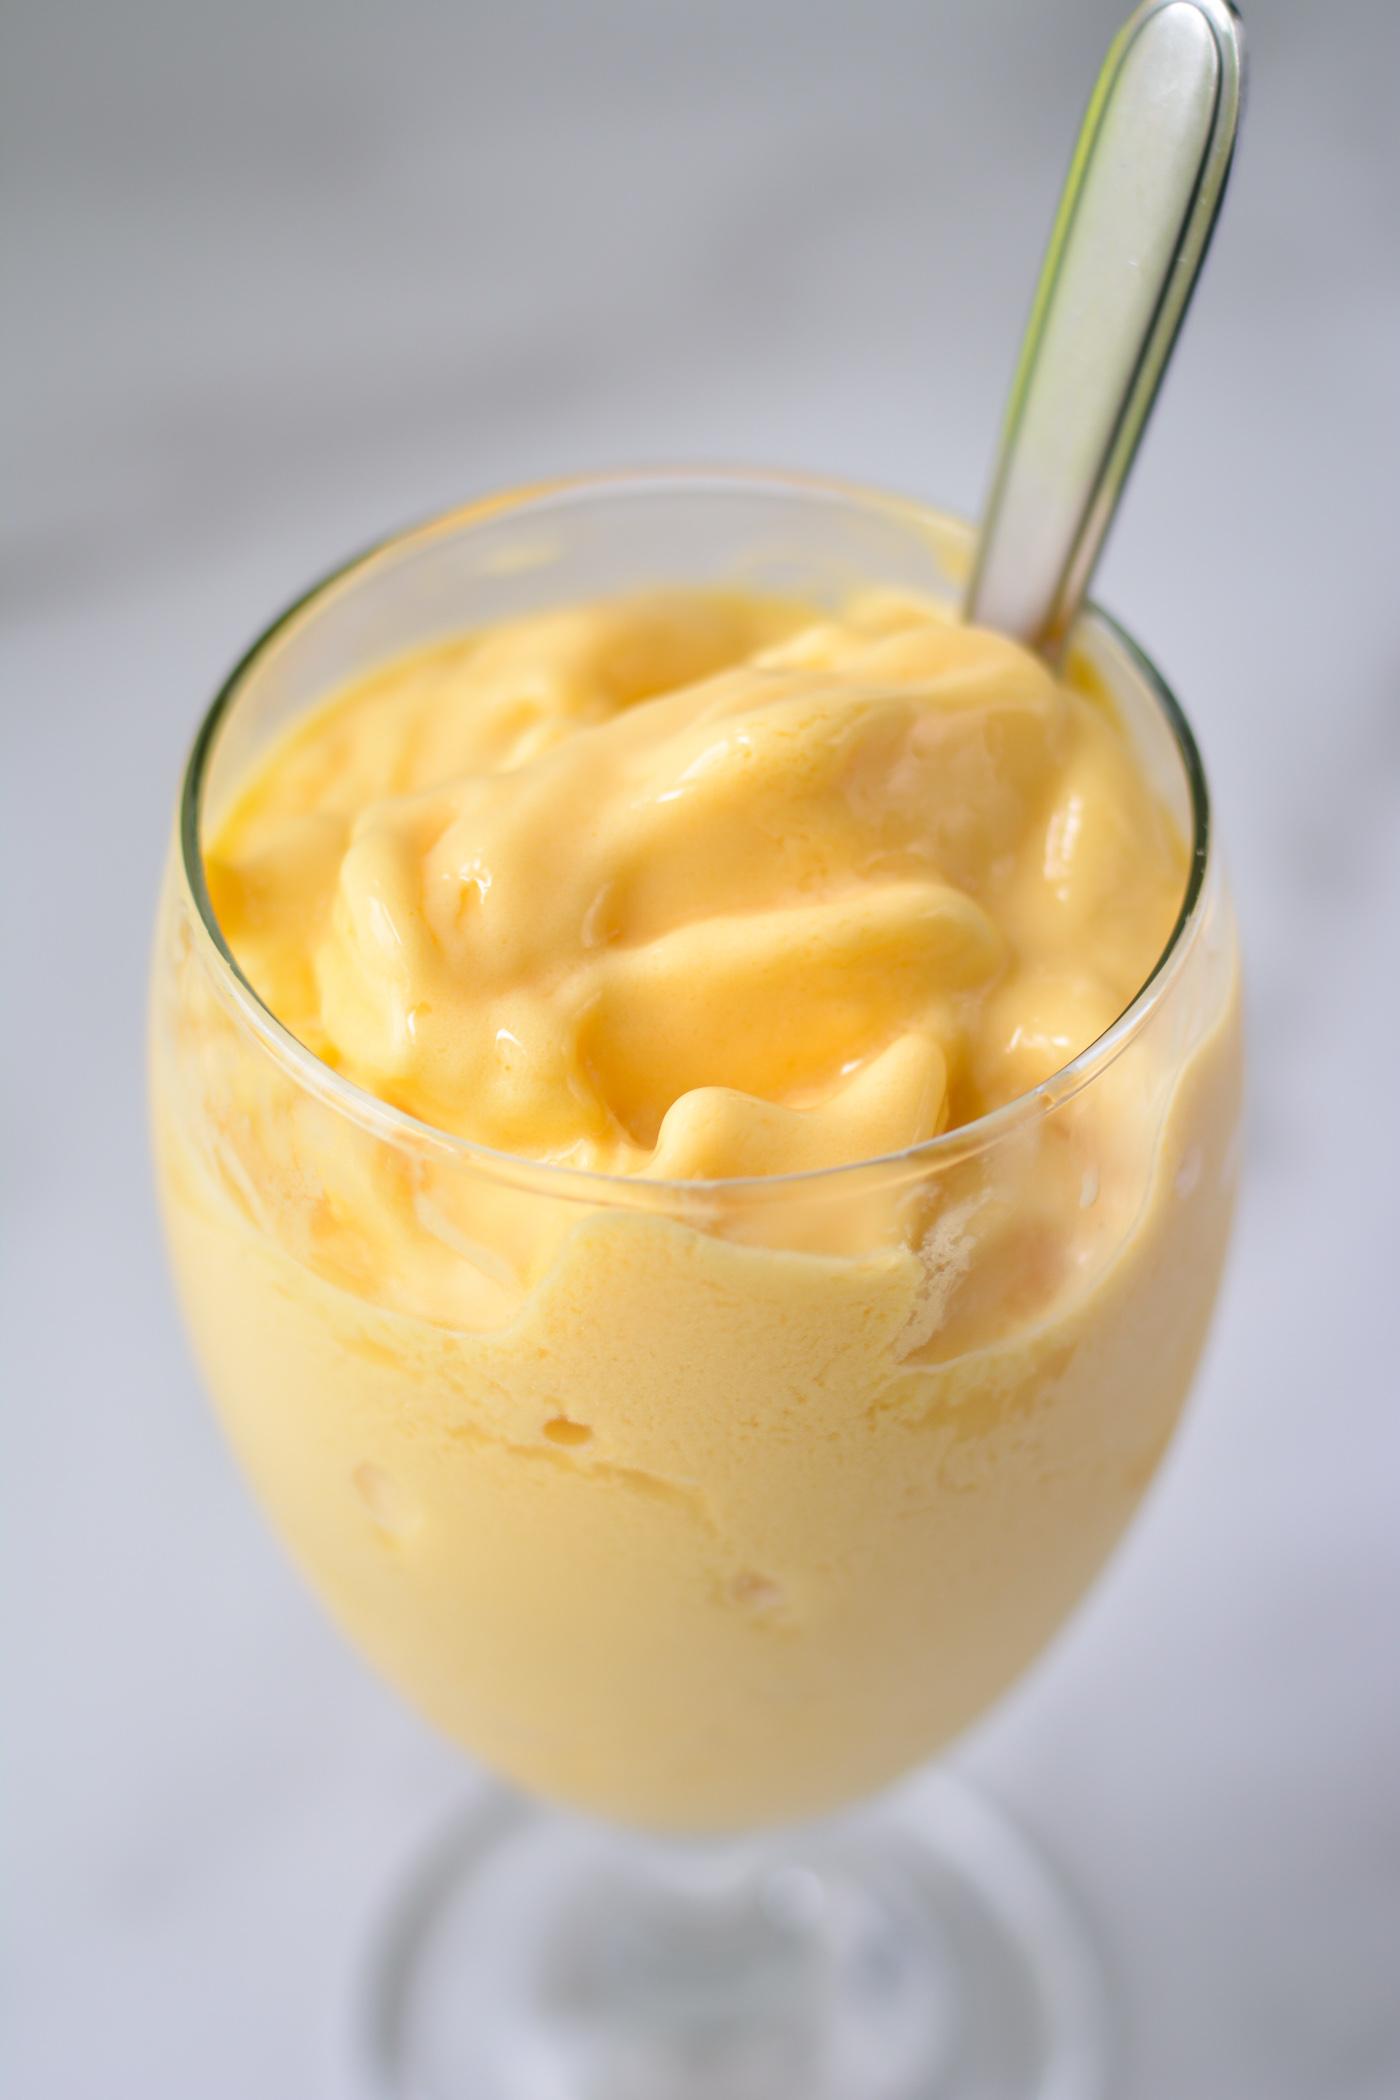 bright golden mango kefir shake in glass goblet